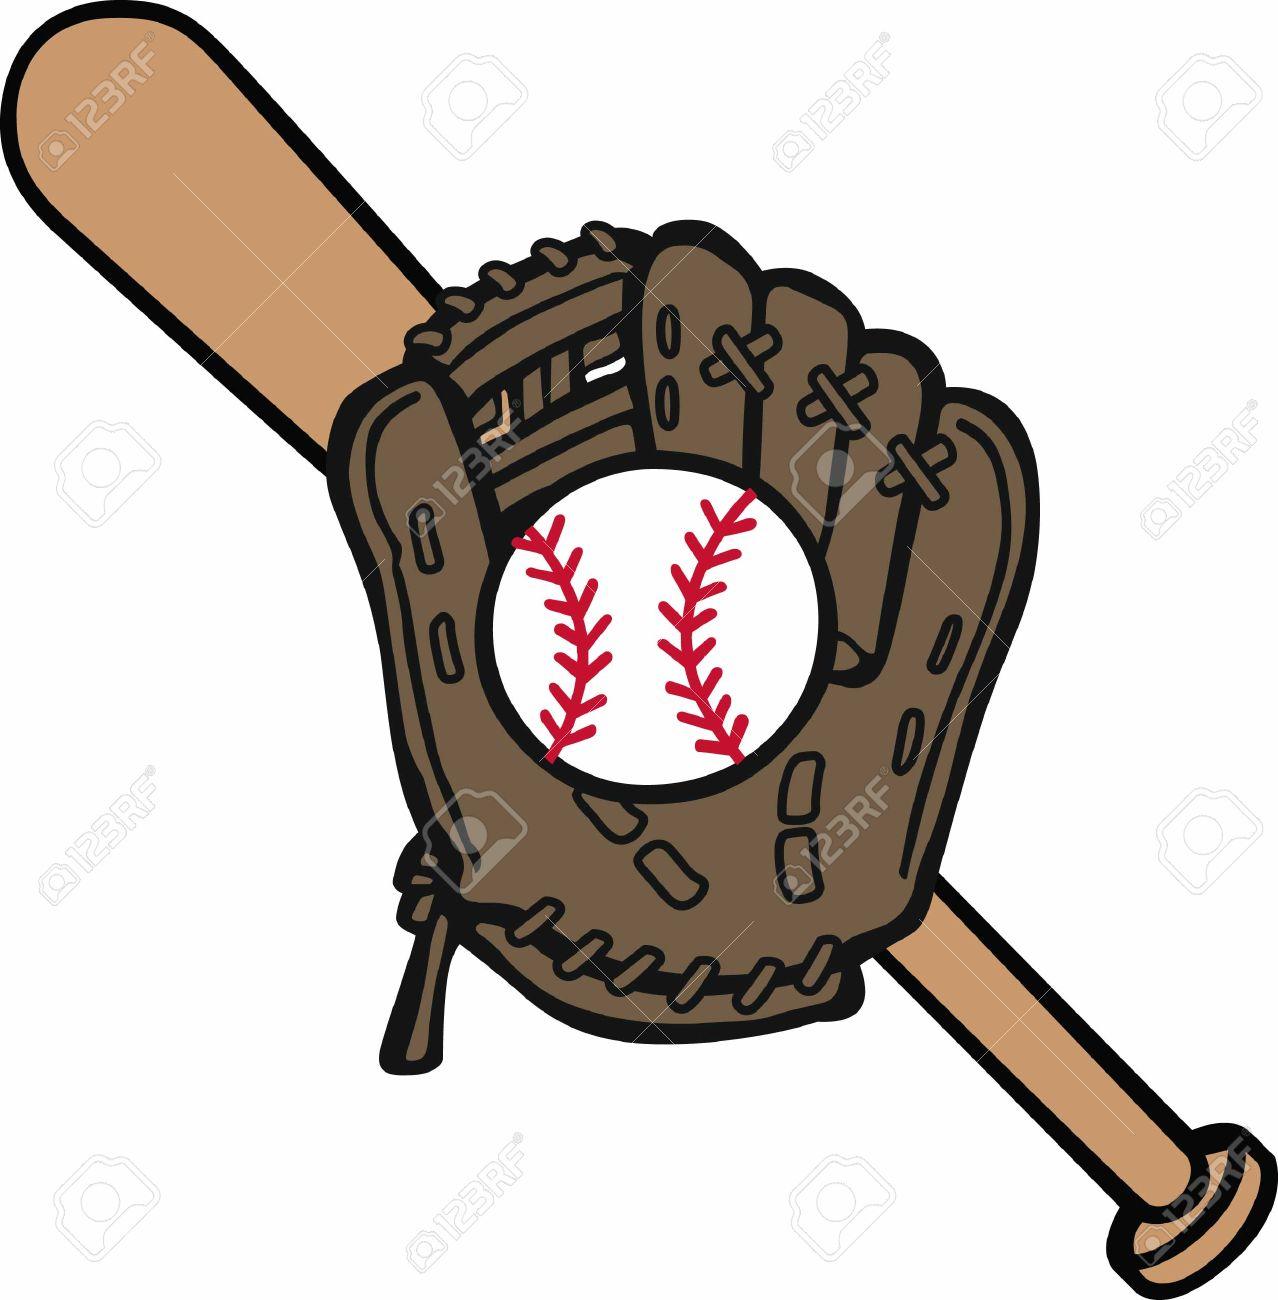 baseball mitt and bat logo royalty free cliparts vectors and rh 123rf com Baseball Bat Vector Logo Baseball Bat and Ball